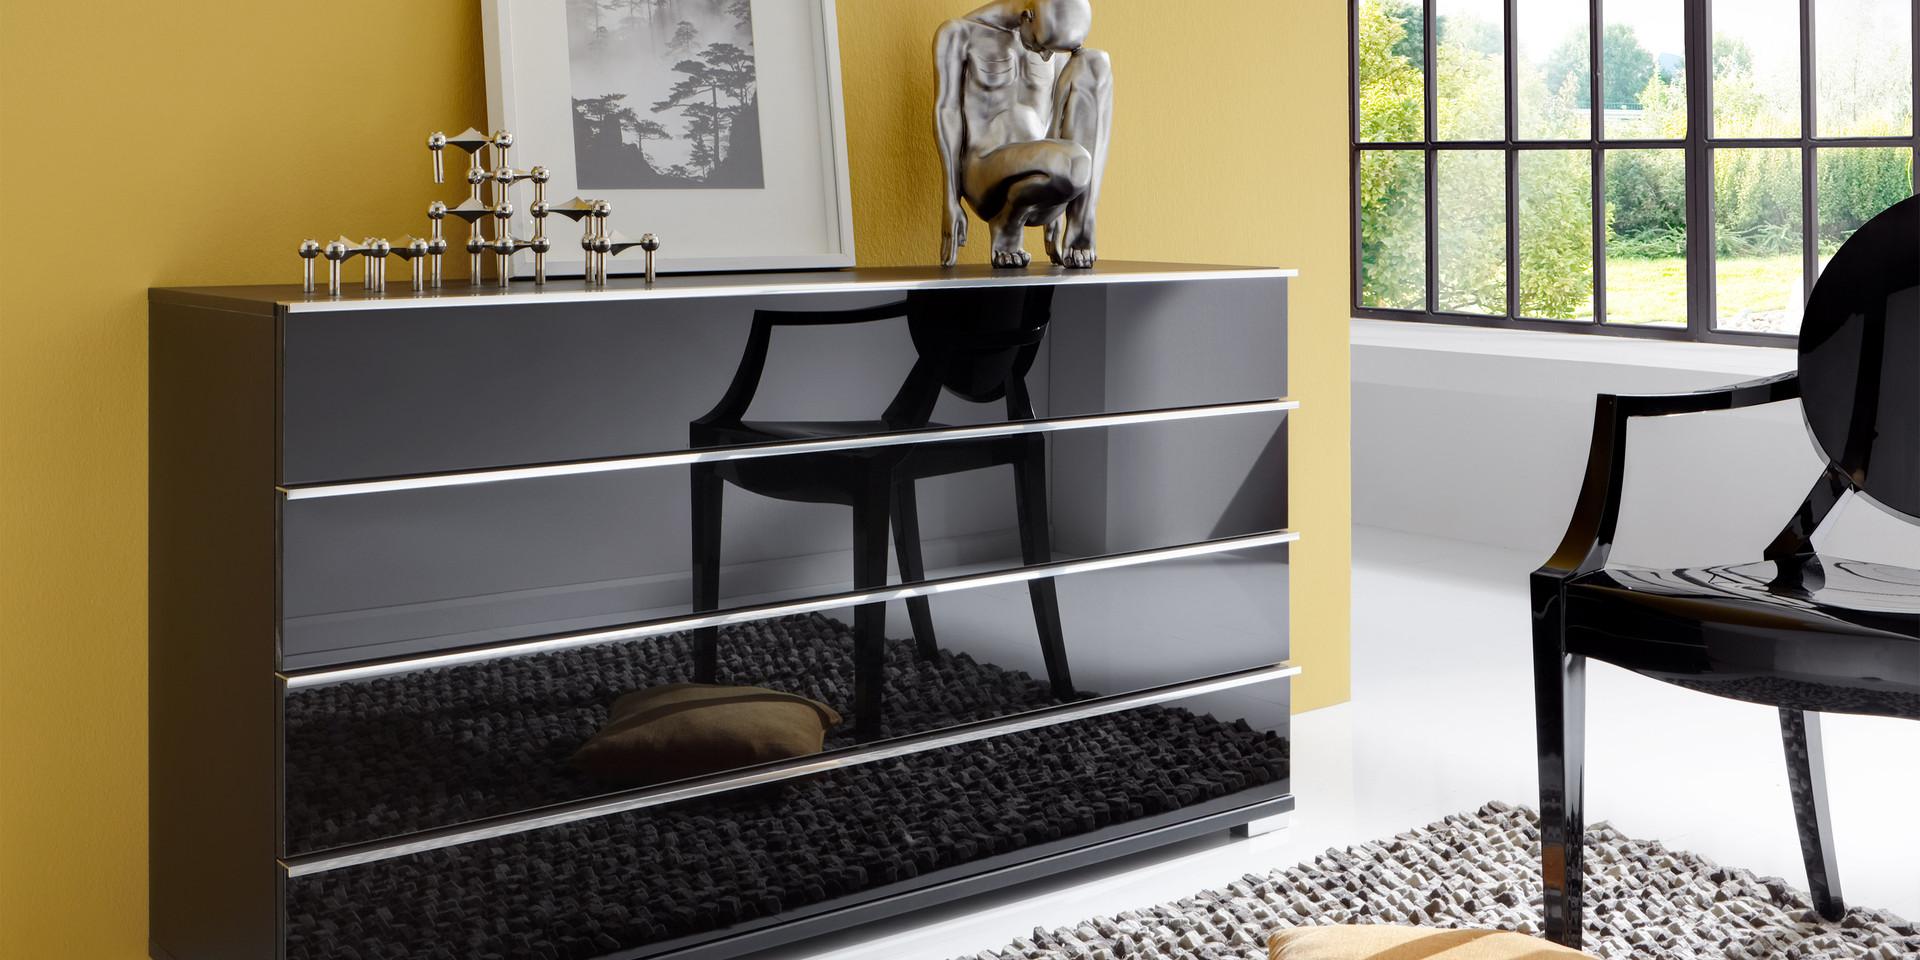 Entdecken Sie hier das Programm Loft | Möbelhersteller Wiemann